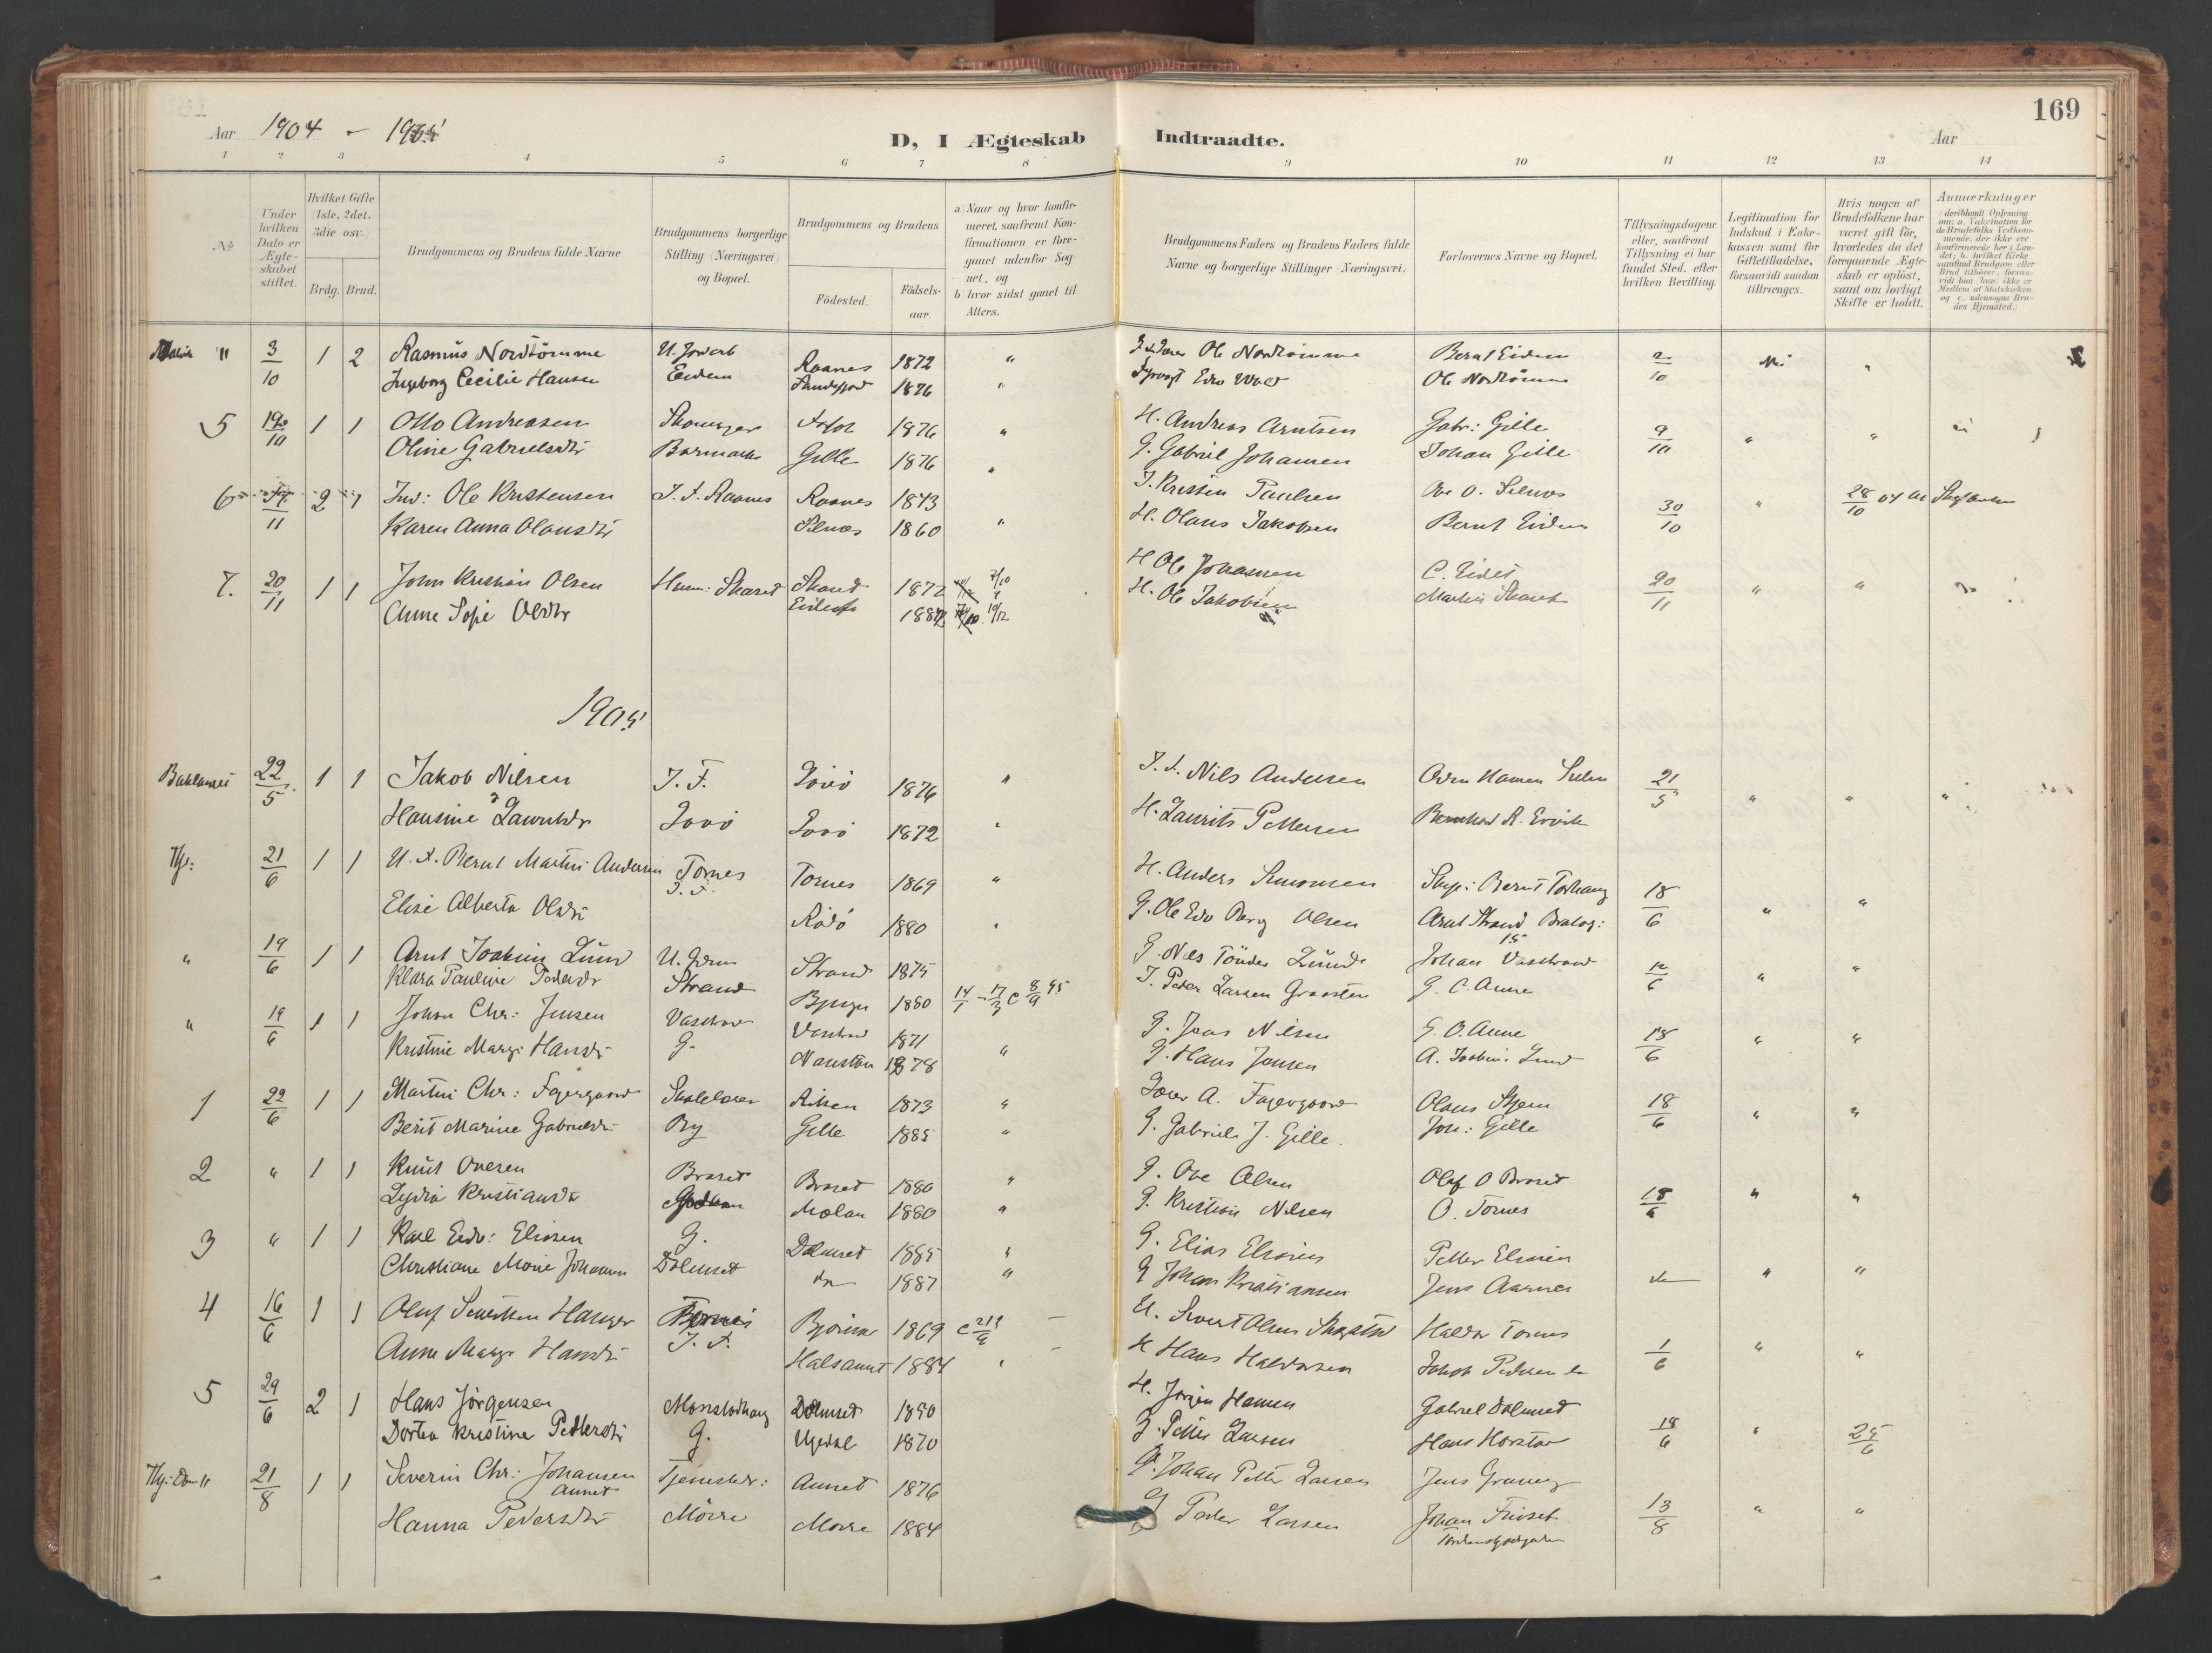 SAT, Ministerialprotokoller, klokkerbøker og fødselsregistre - Sør-Trøndelag, 655/L0681: Ministerialbok nr. 655A10, 1895-1907, s. 169